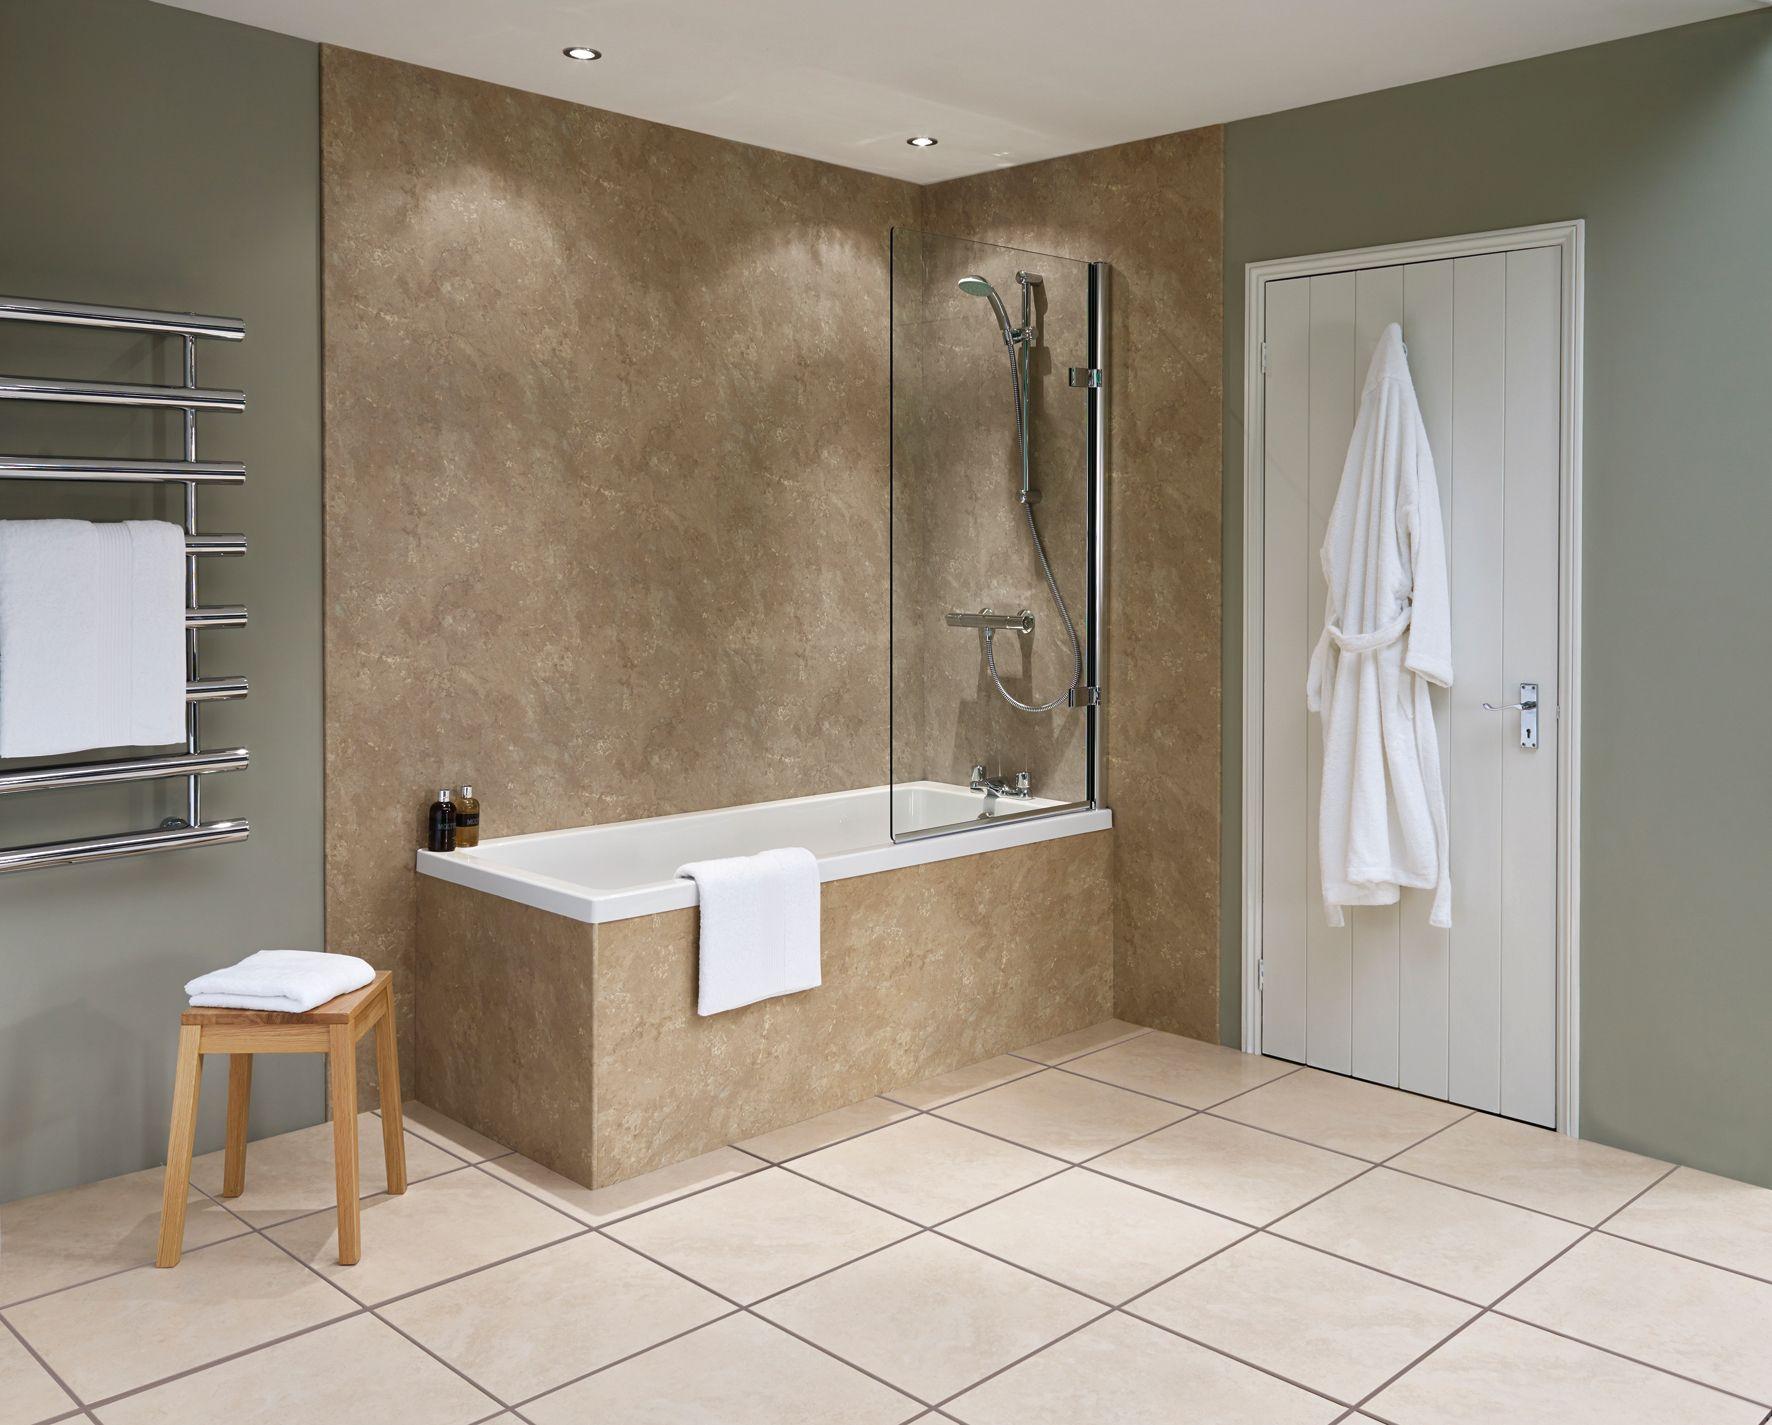 Wall panels for bathrooms uk orklfee GARFURK